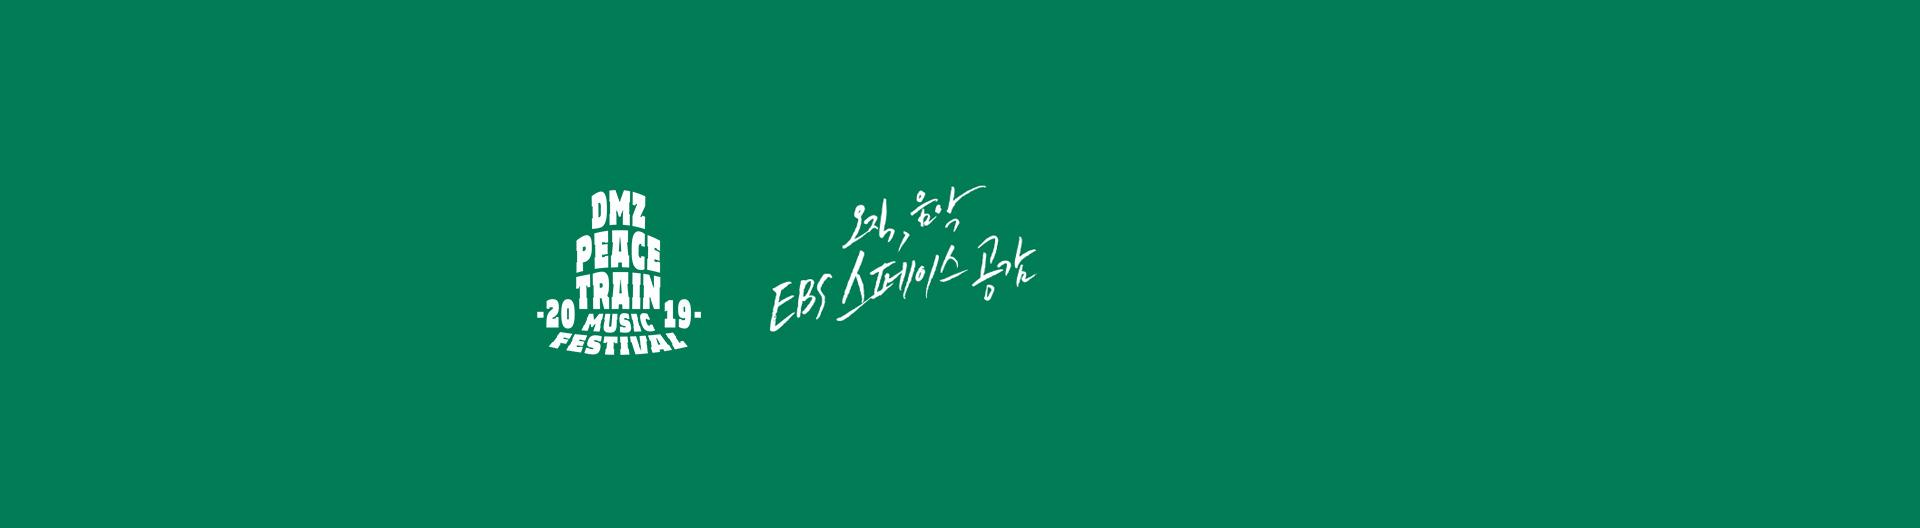 'DMZ 피스트레인 뮤직페스티벌 2019'